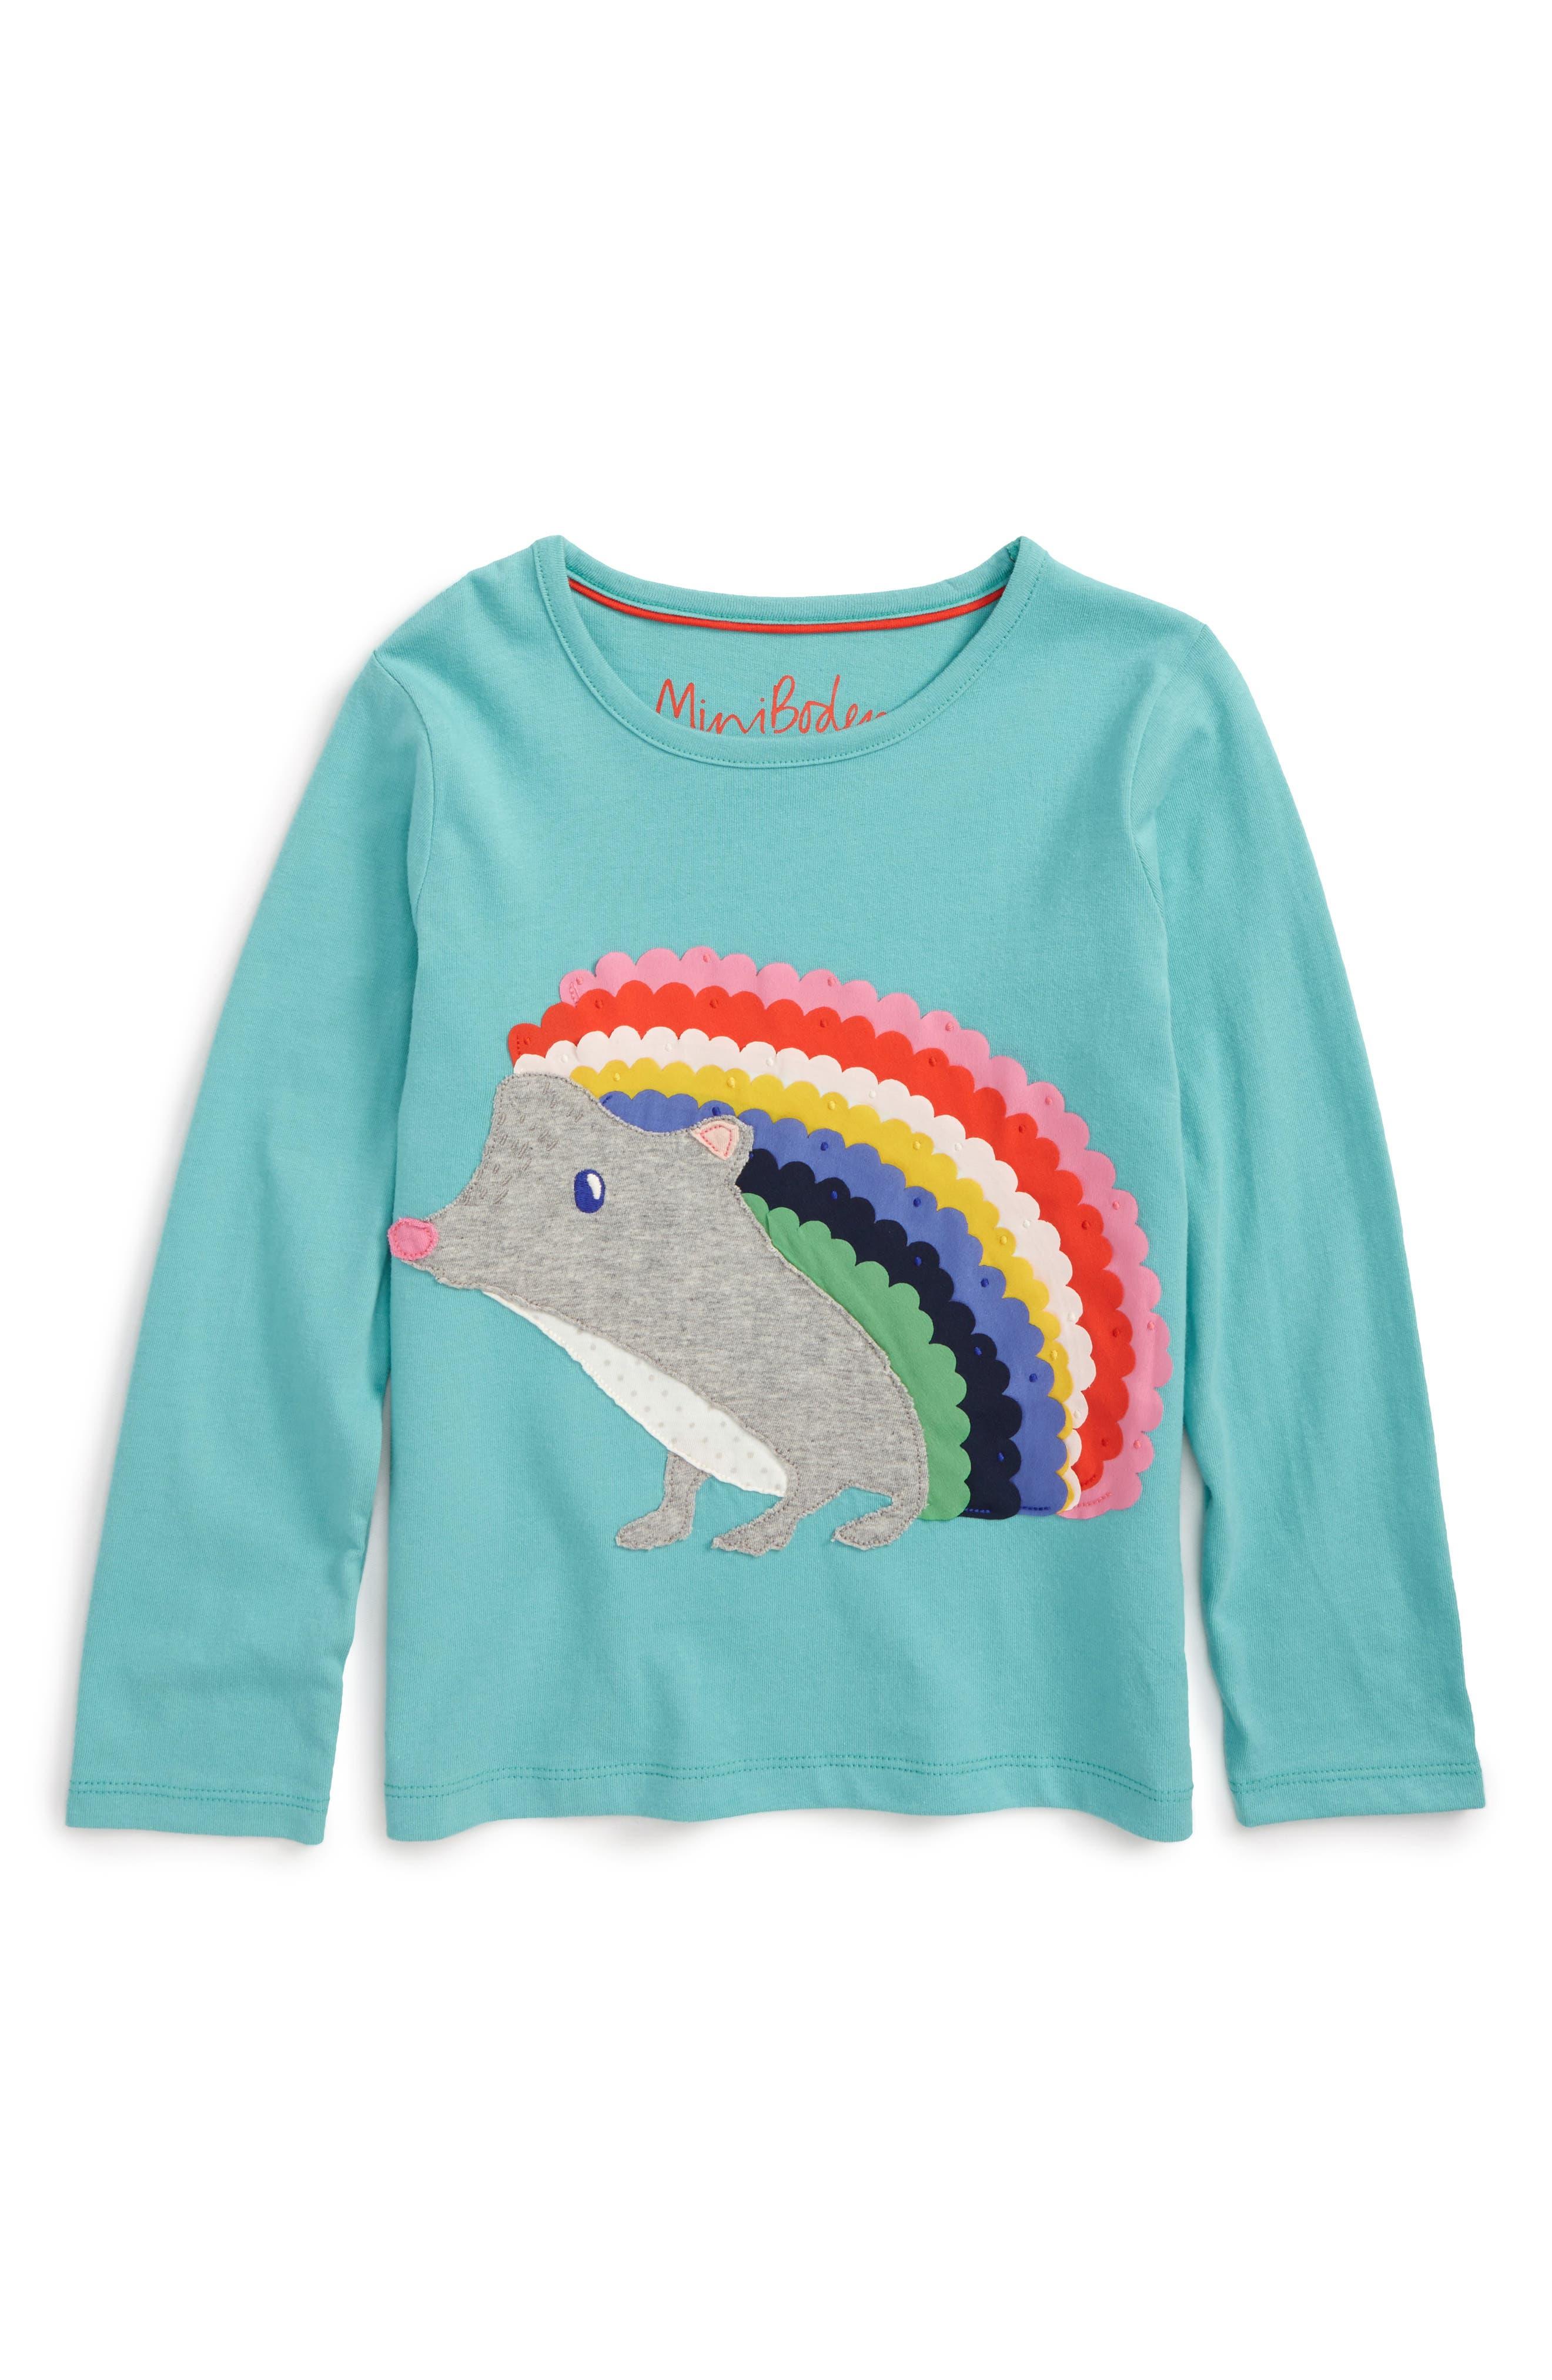 Boden Big Appliqué T-Shirt,                         Main,                         color, Blue/ Green